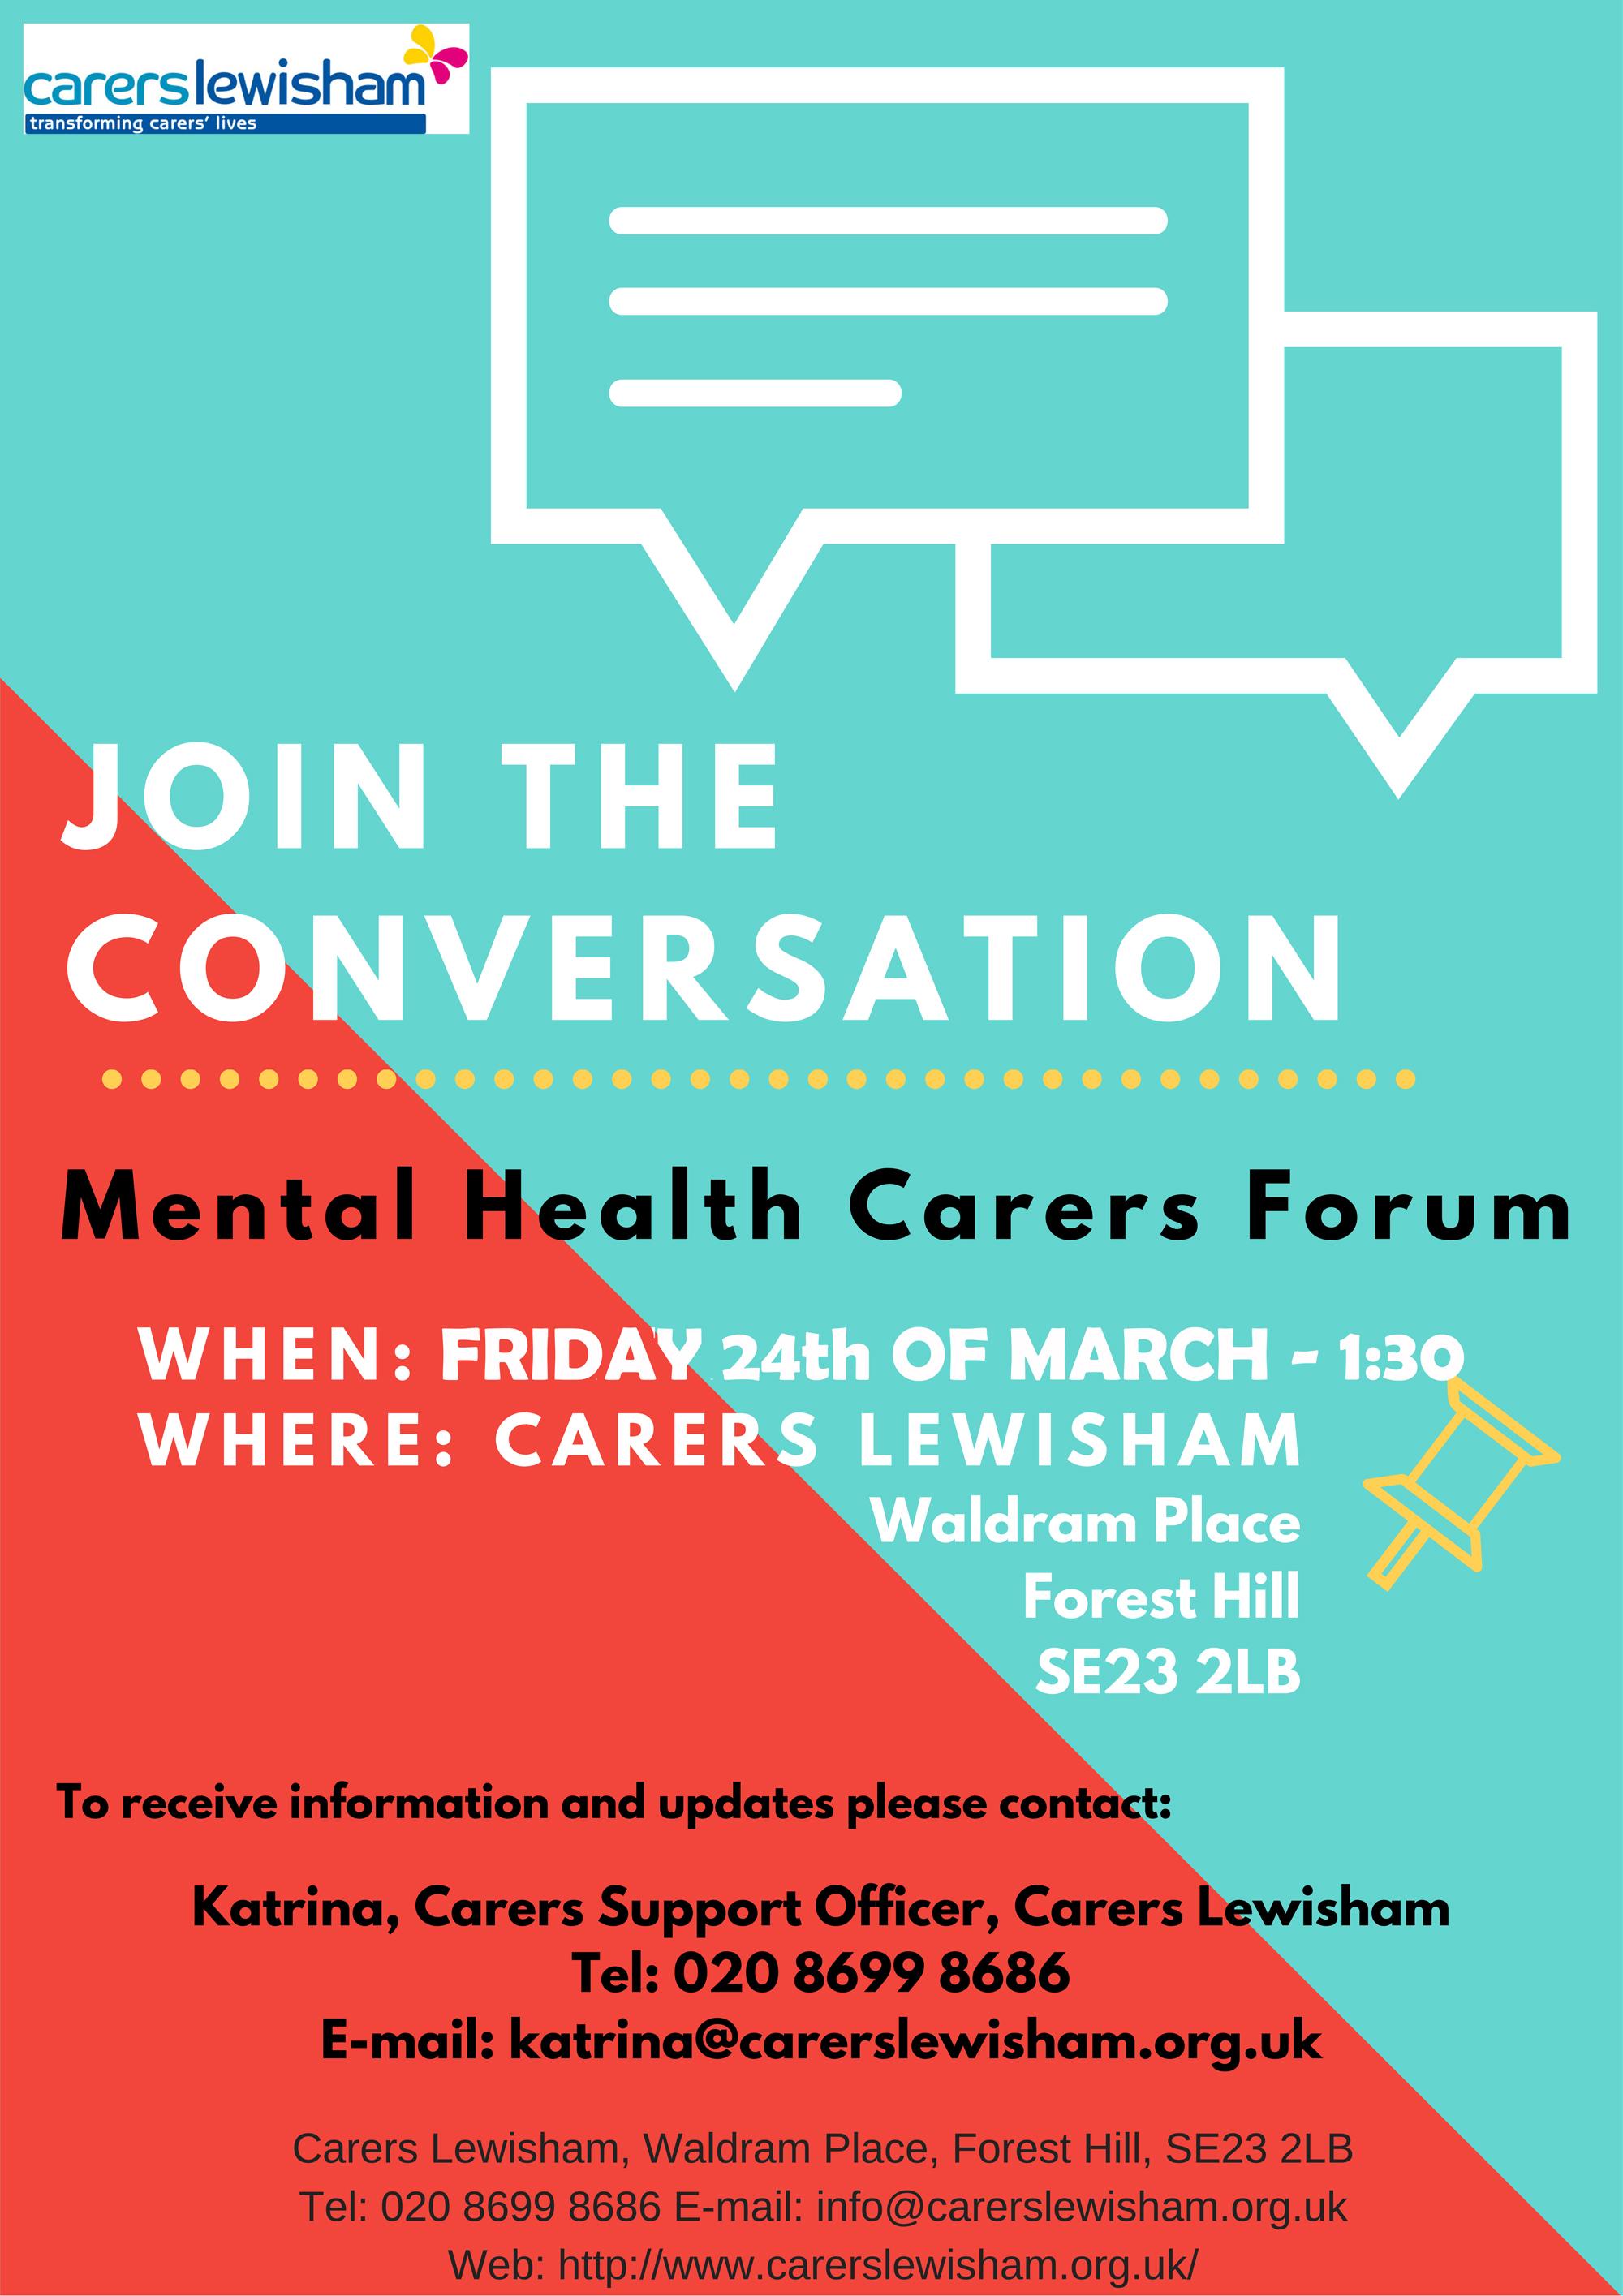 Mental Health Open Forum